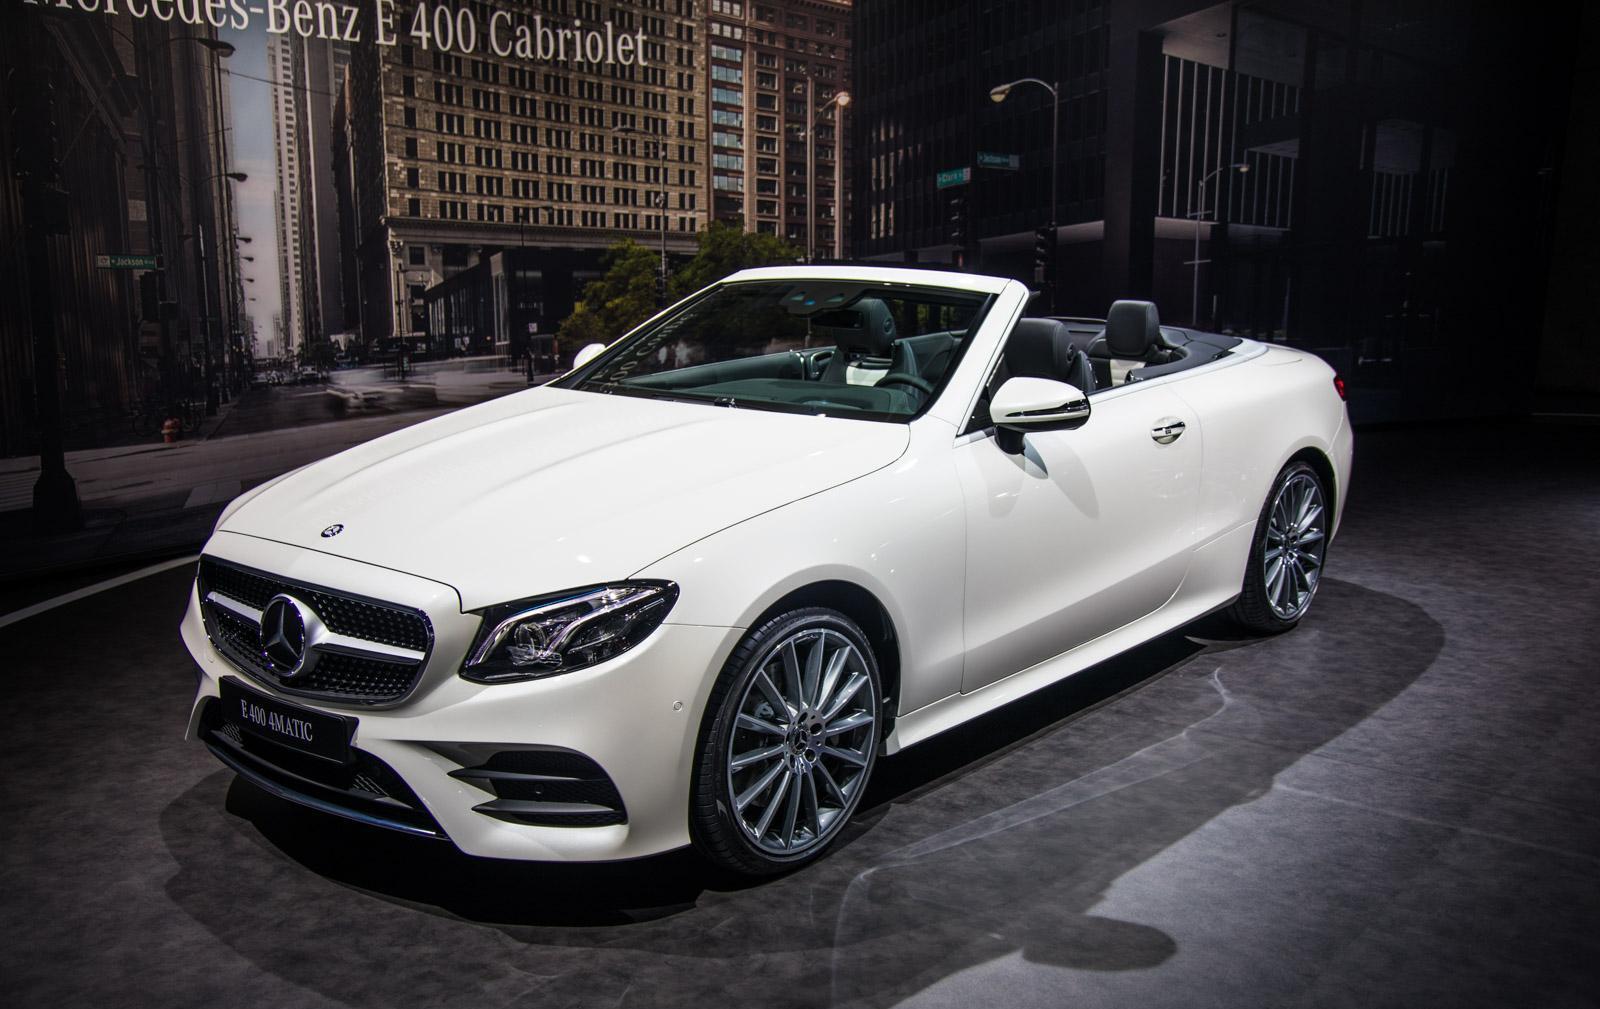 Mercedes_E400_Cabriolet_001